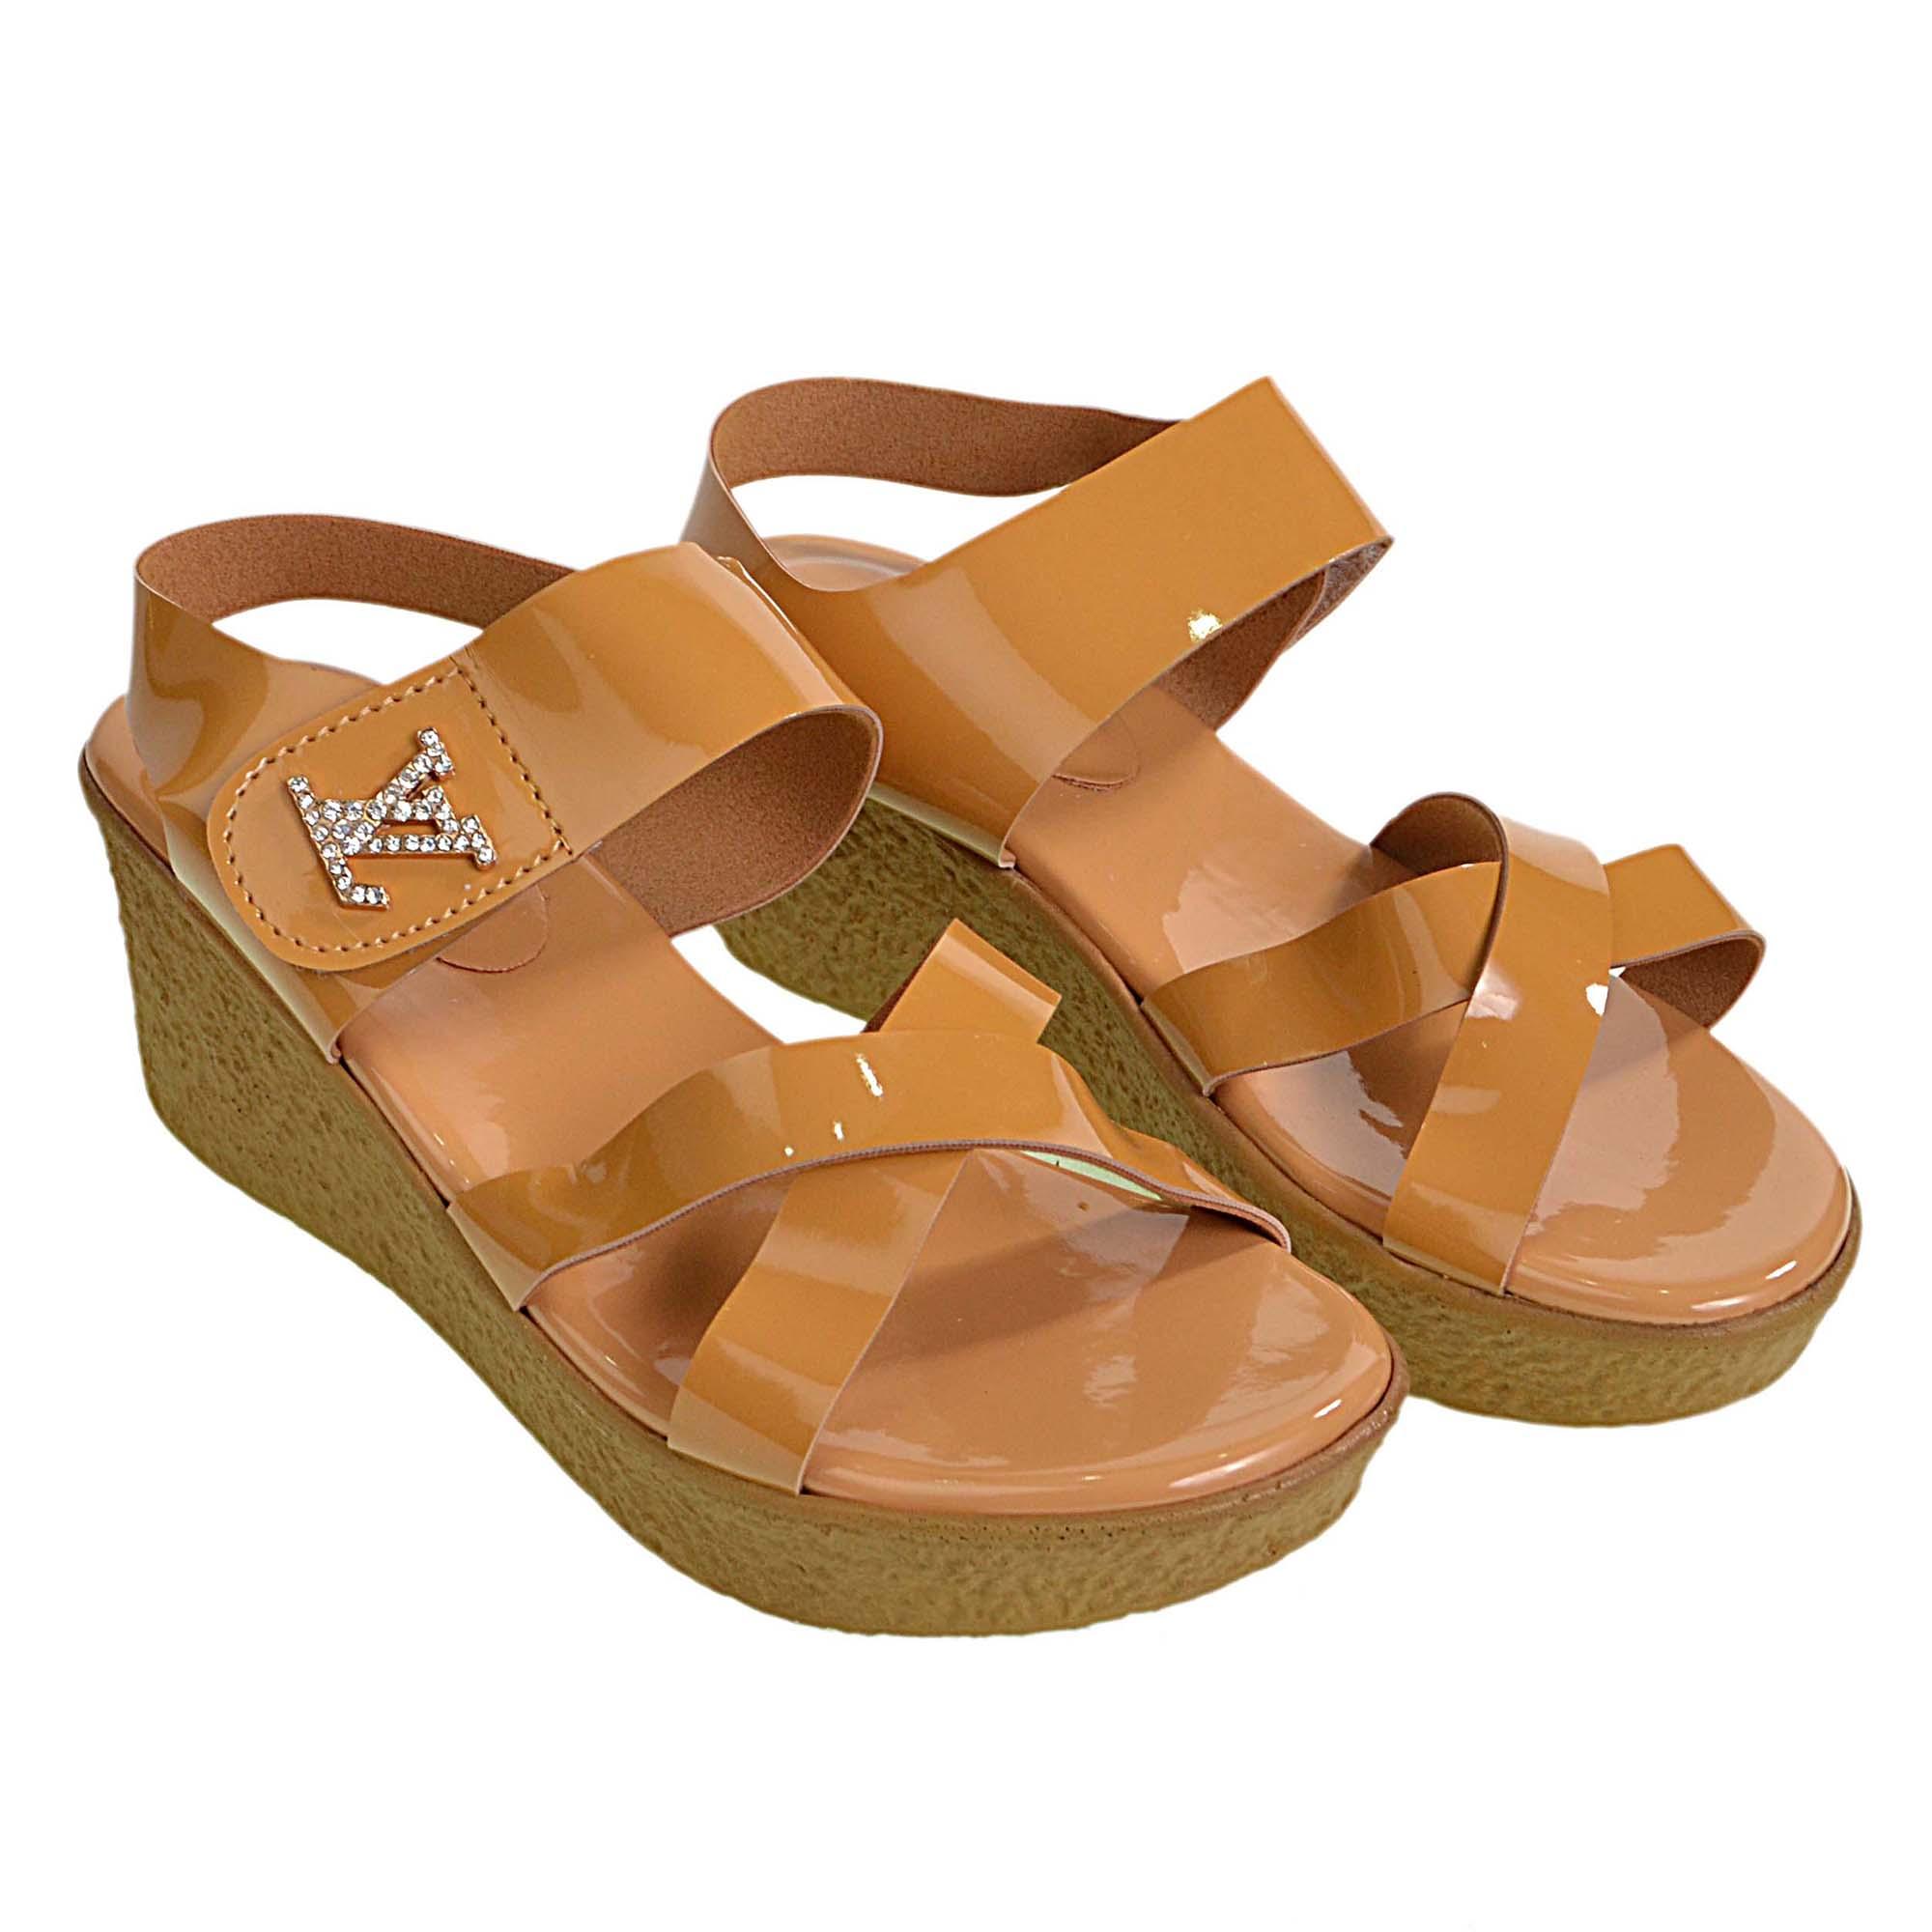 พร้อมส่ง Size 38 รองเท้าหนังเงา LV สีน้ำตาล น้ำหนักเบา ใส่สบาย